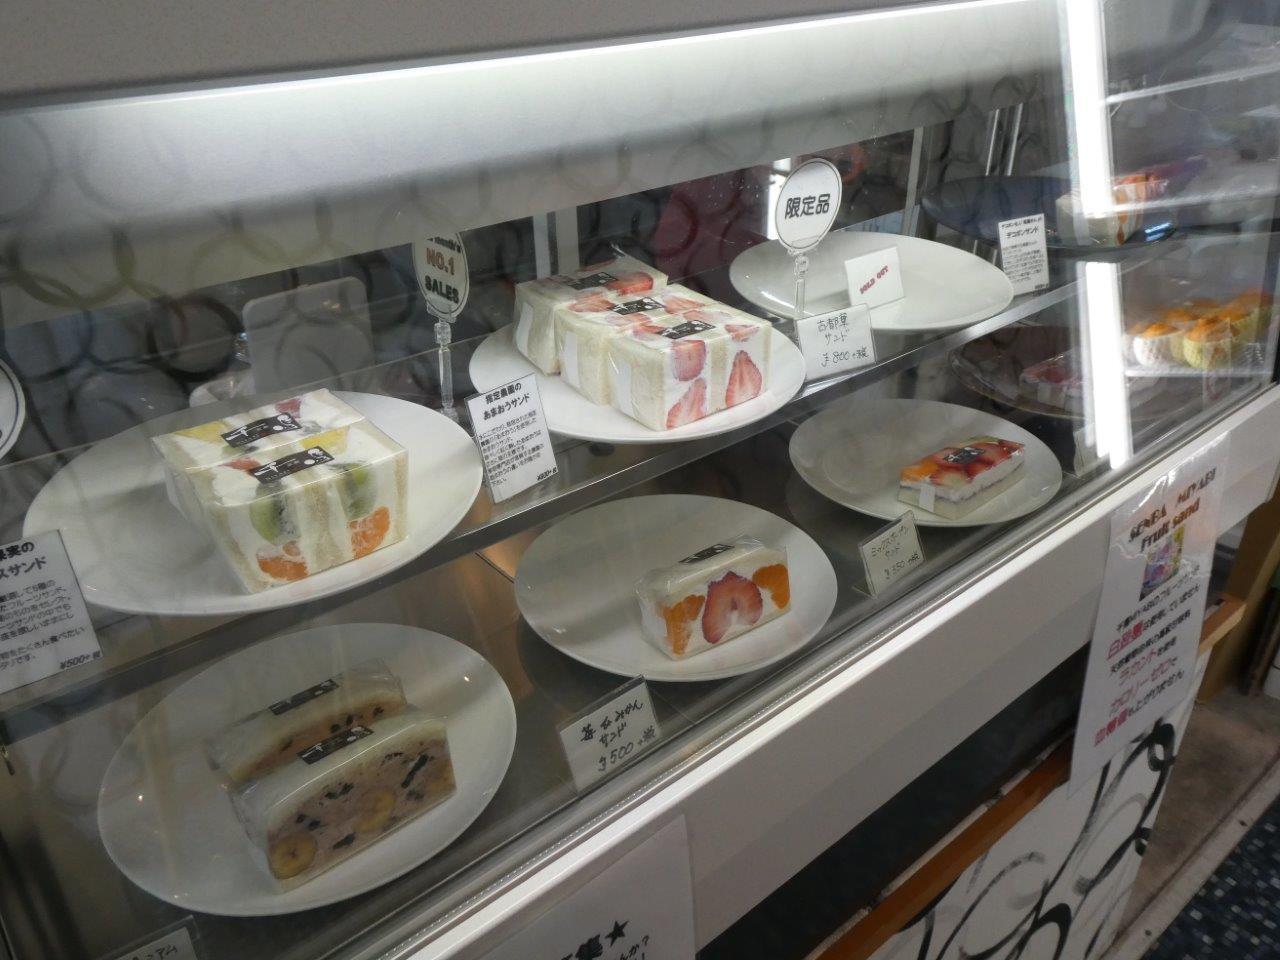 千馬ミヤビ (Miyabi)果物に精通した_d0106134_16000071.jpg